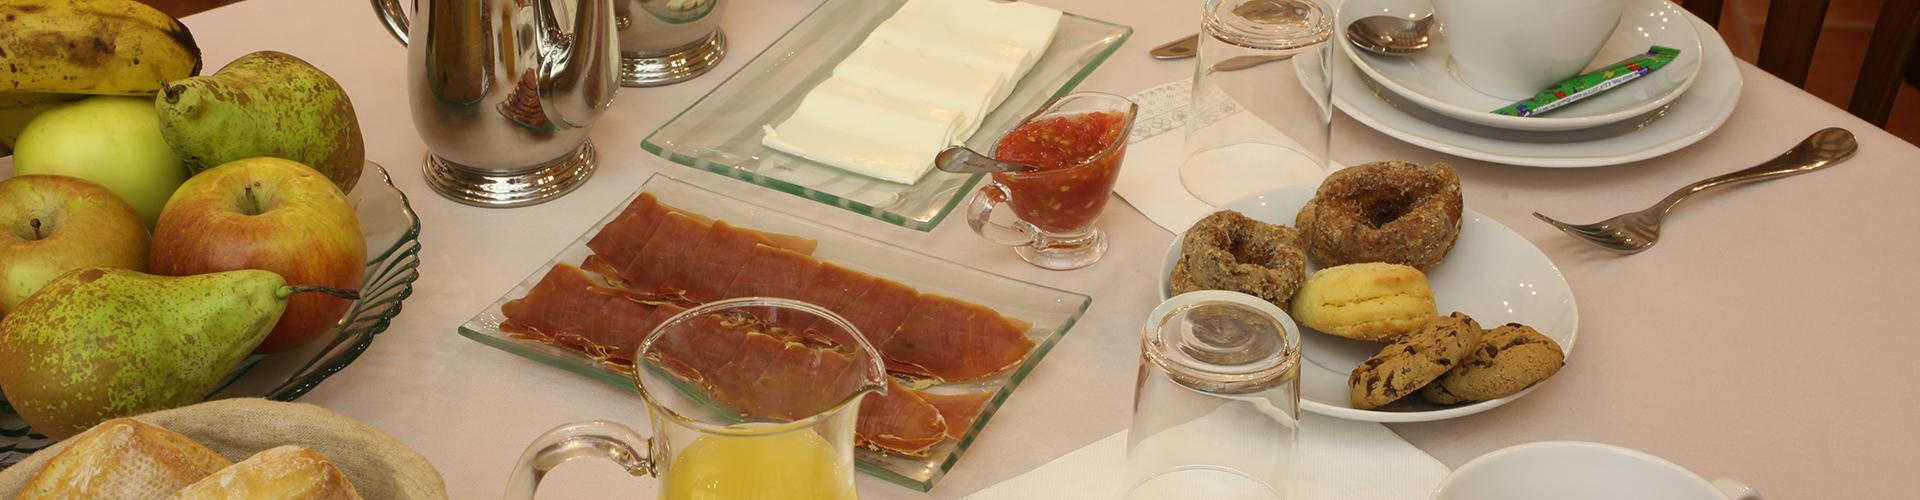 HOTEL RURAL SPA LA SENDA DE LOS CARACOLES (6)